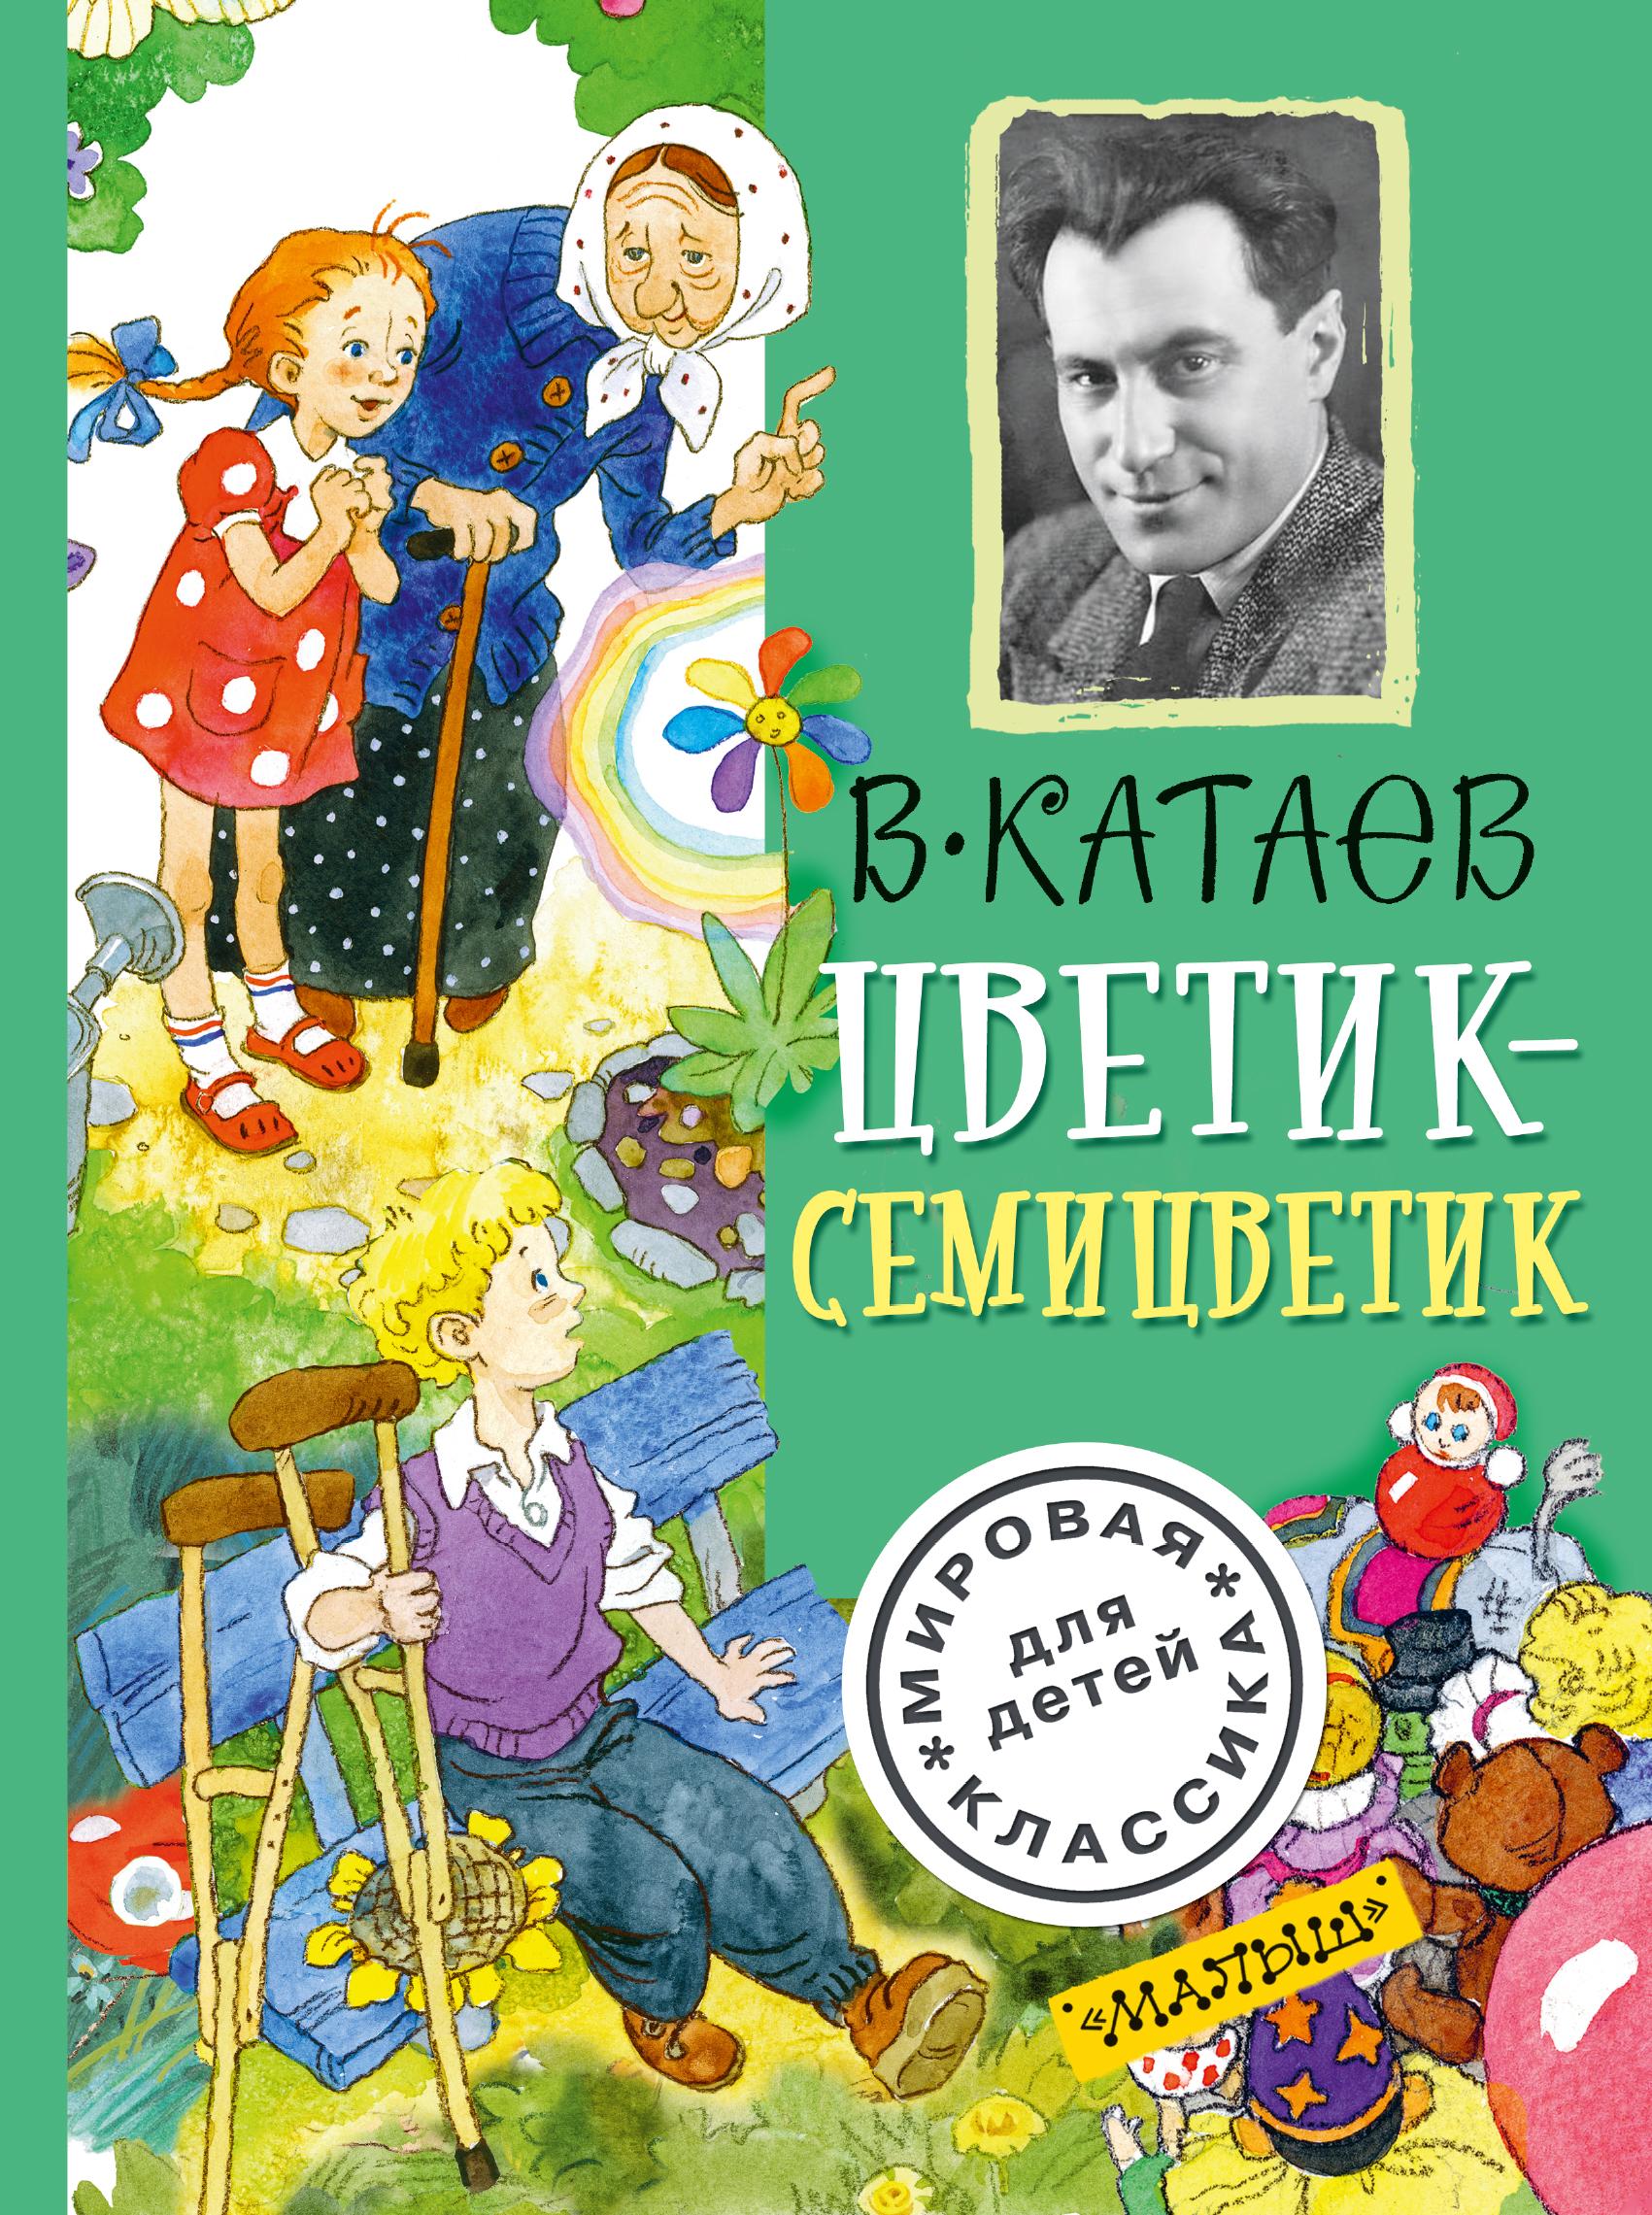 Катаев В.П. Цветик-семицветик валентин катаев катакомбы